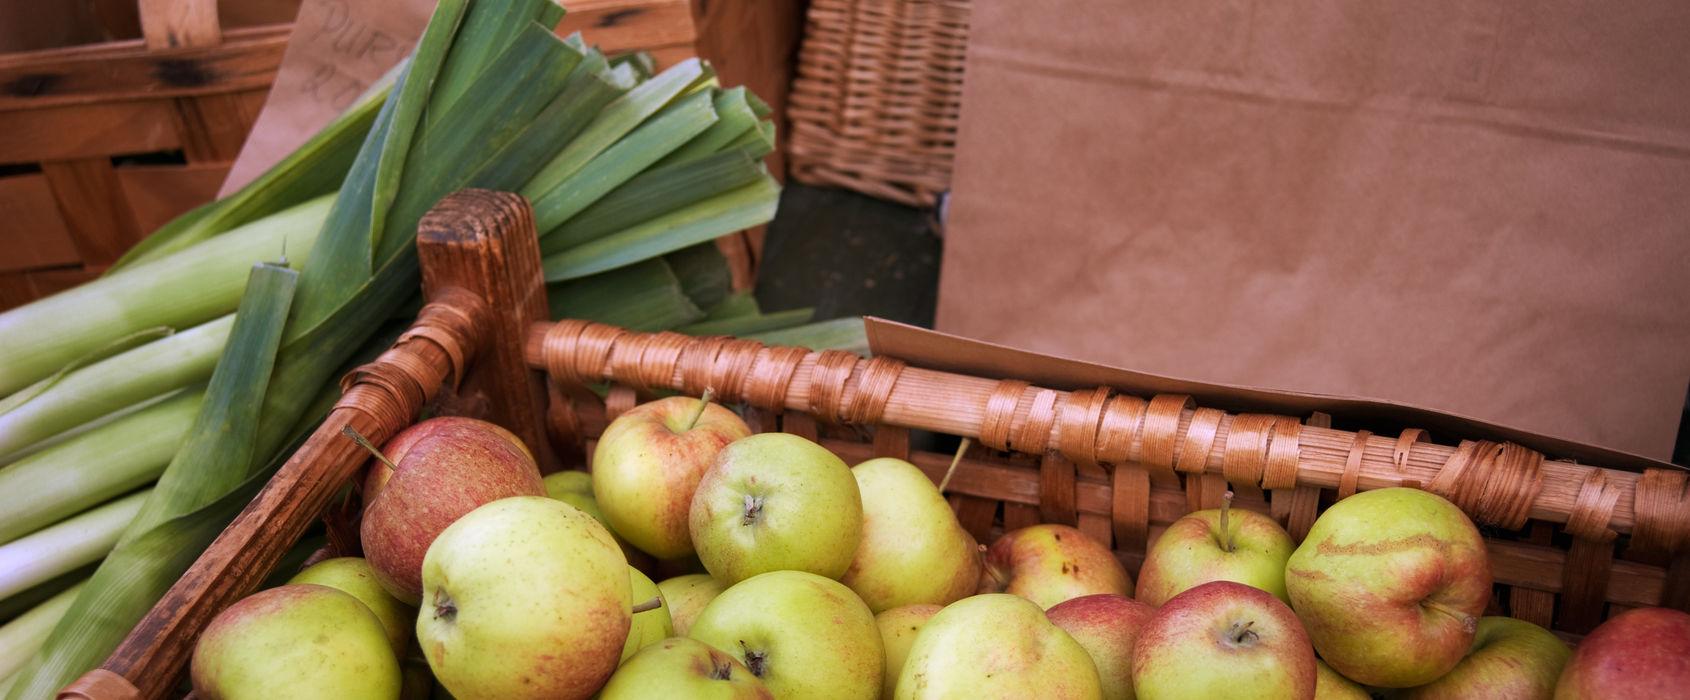 En korg med äpplen